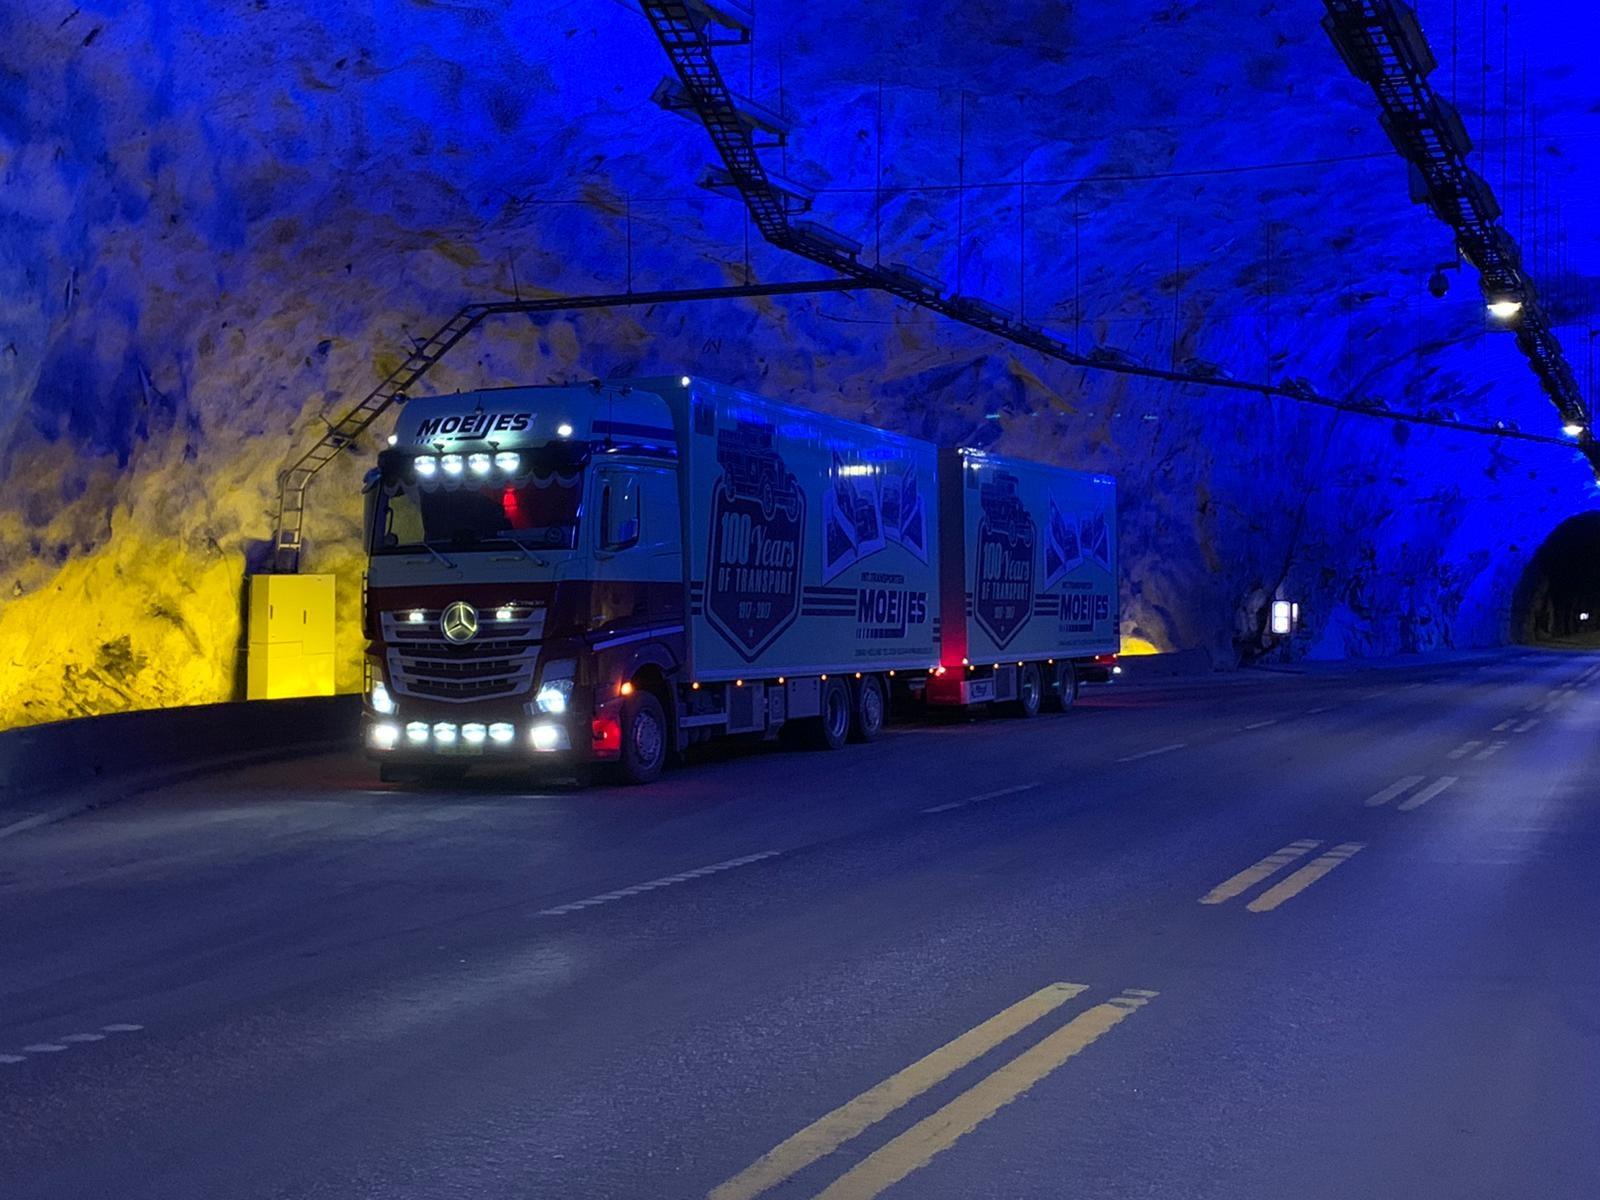 Danny-onderweg-naar-Bergen-in-Noowegen-Laerdalstunnel-23-3-2021--(5)